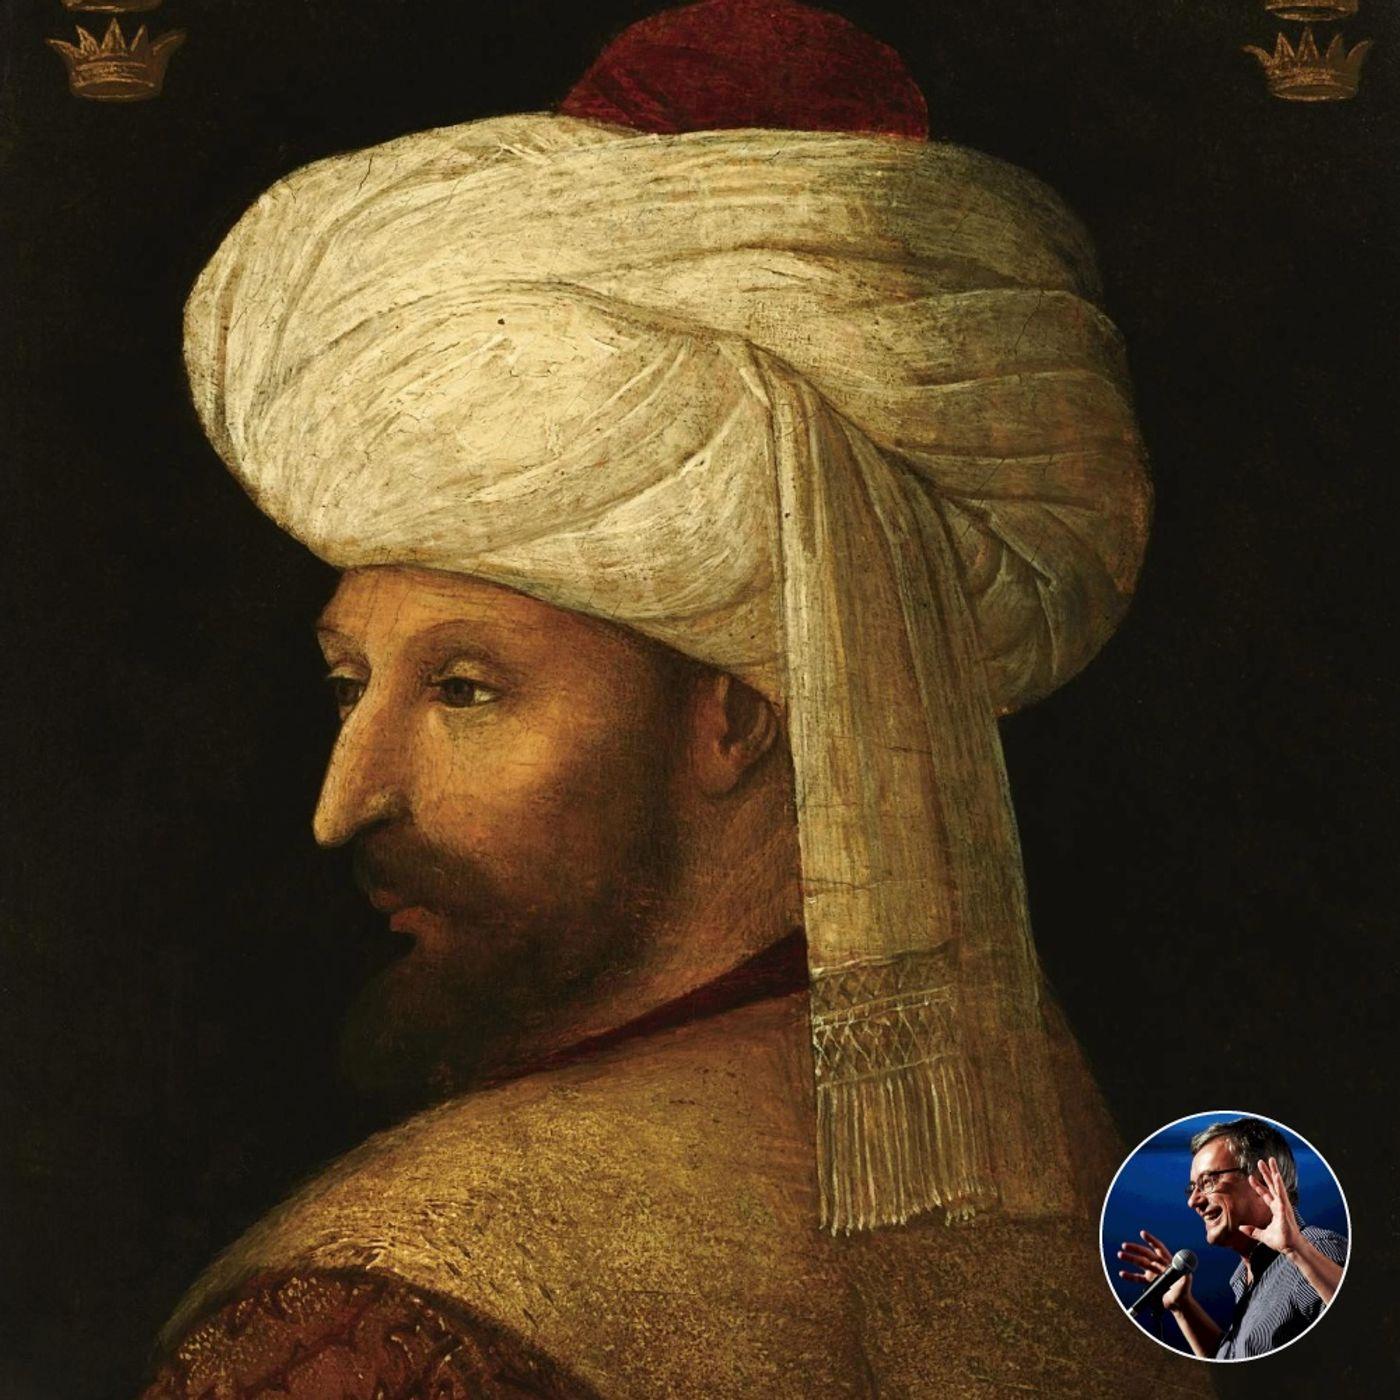 #134 L'Impero Ottomano (Ass. La Semina, 2015)